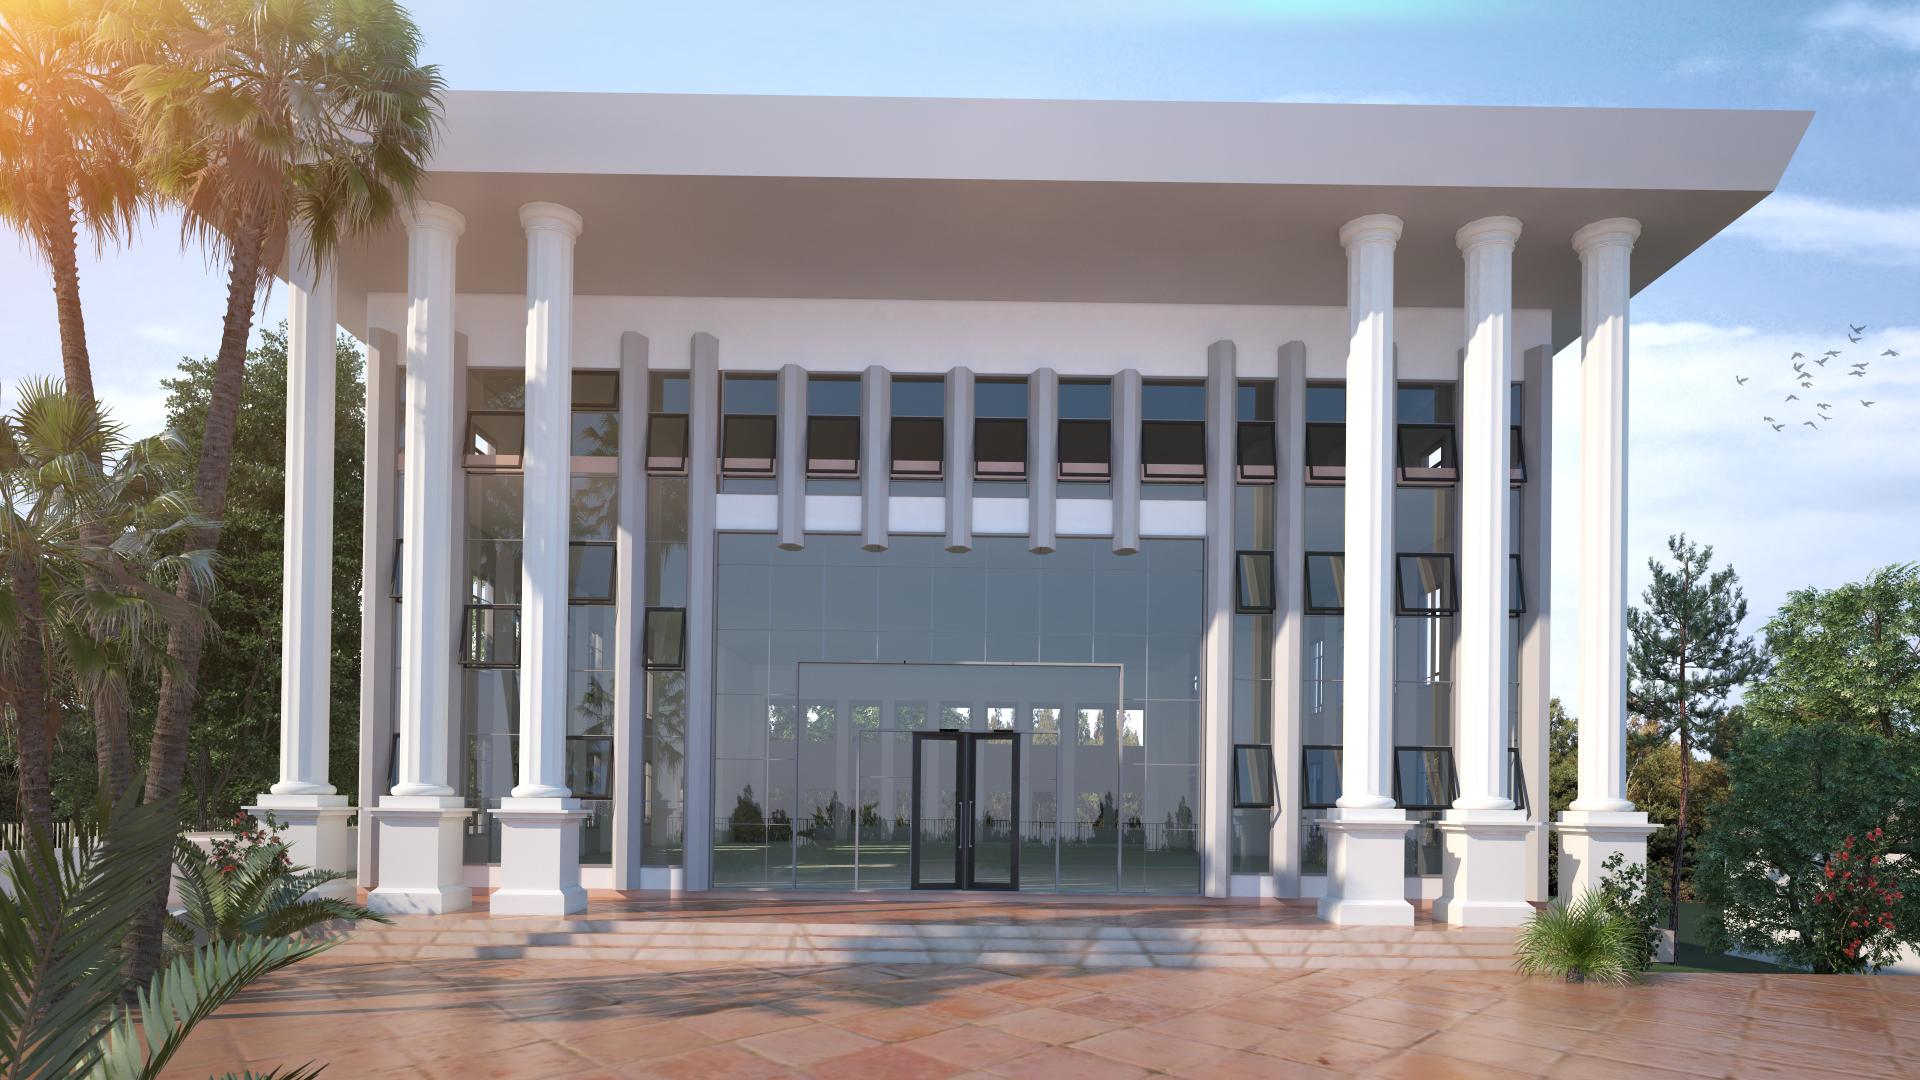 2 4 - Djibouti Embassy to Ethiopia Residence